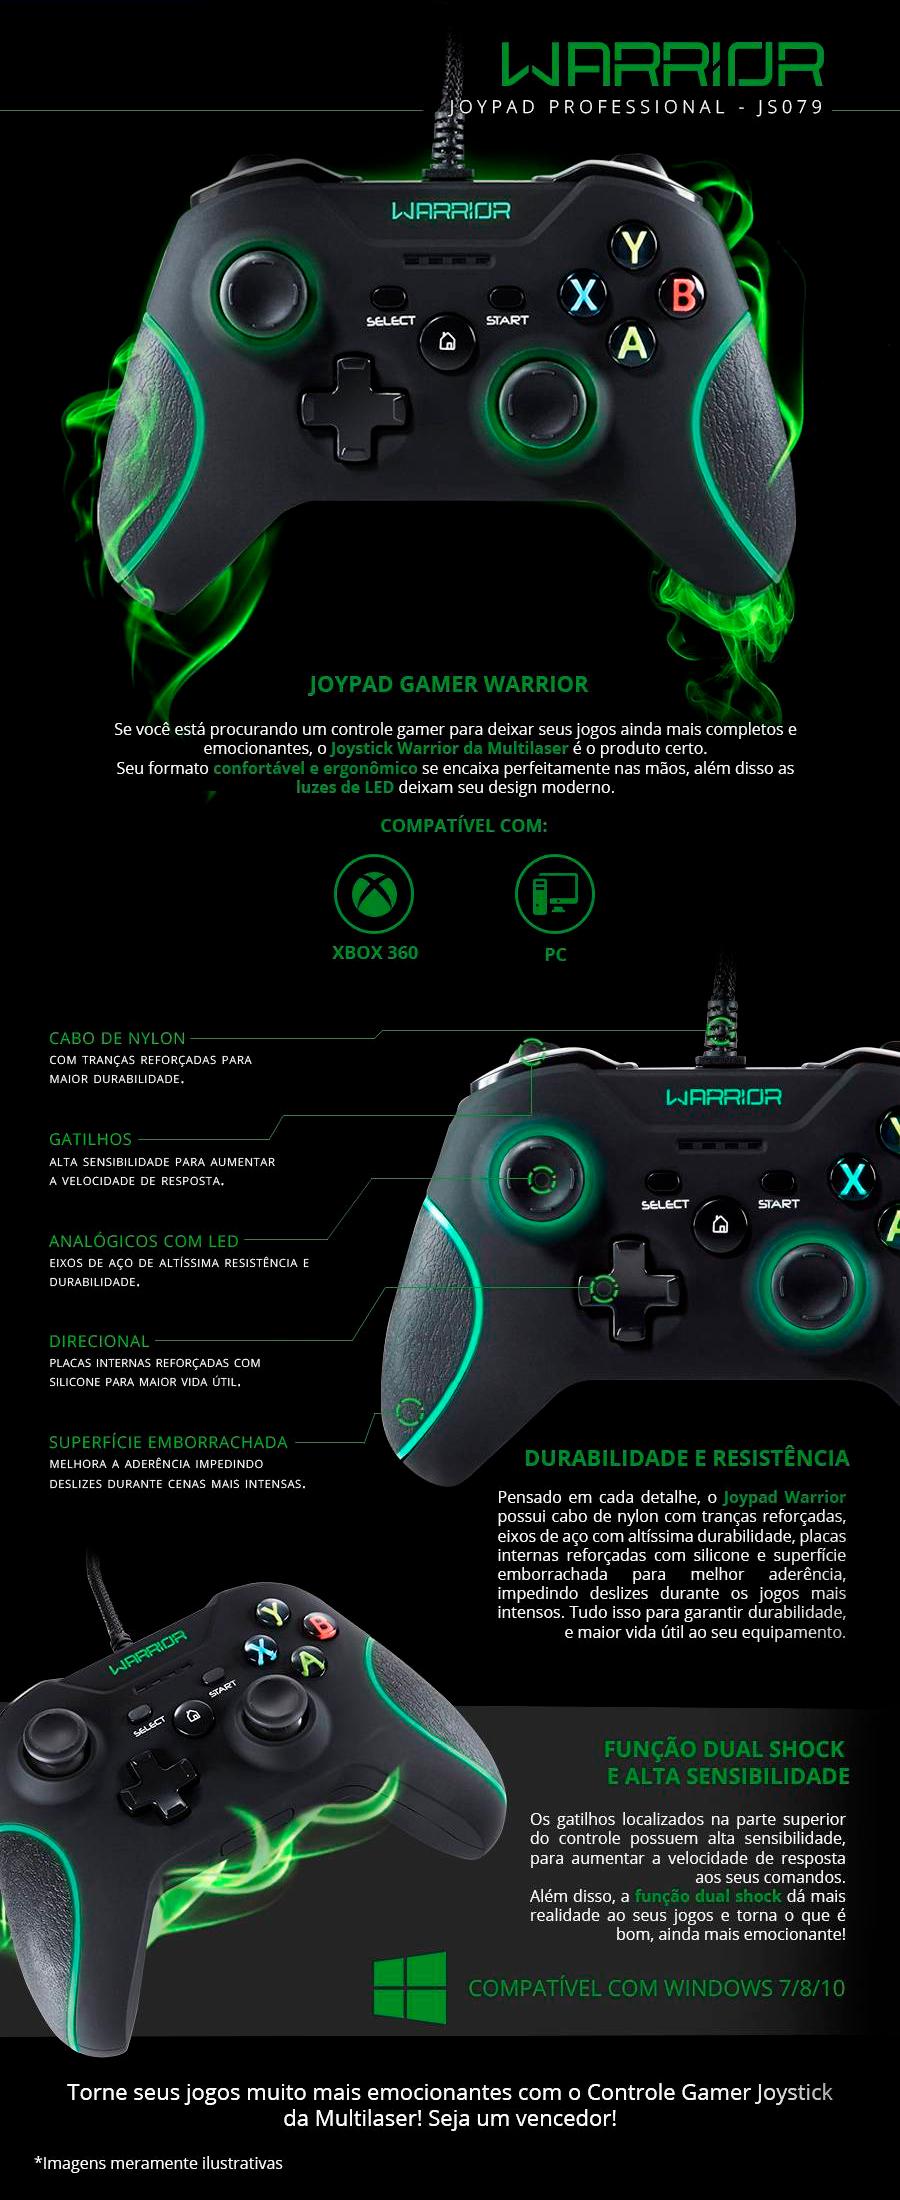 Controle Multilaser Warrior para PC e Xbox 360 Joystick Fio Nylon e Acabamento Emborrachado - JS079